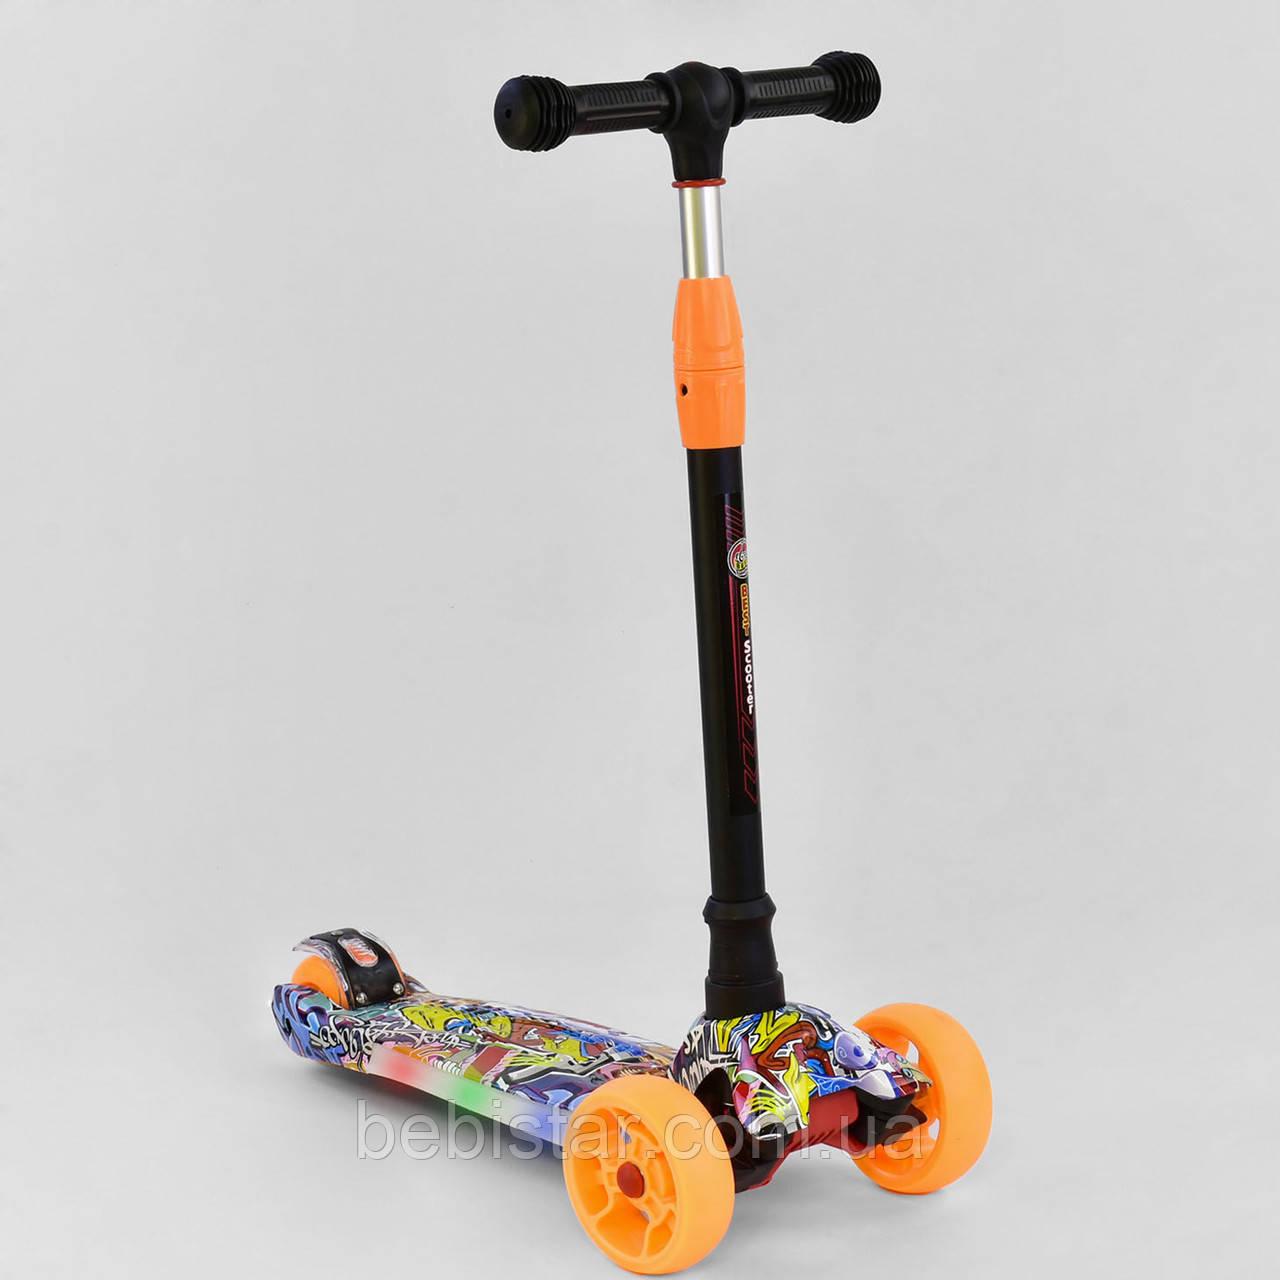 Трехколесный самокат оранжевый с подсветкой платформы и светящимися колесами деткам от 3 лет